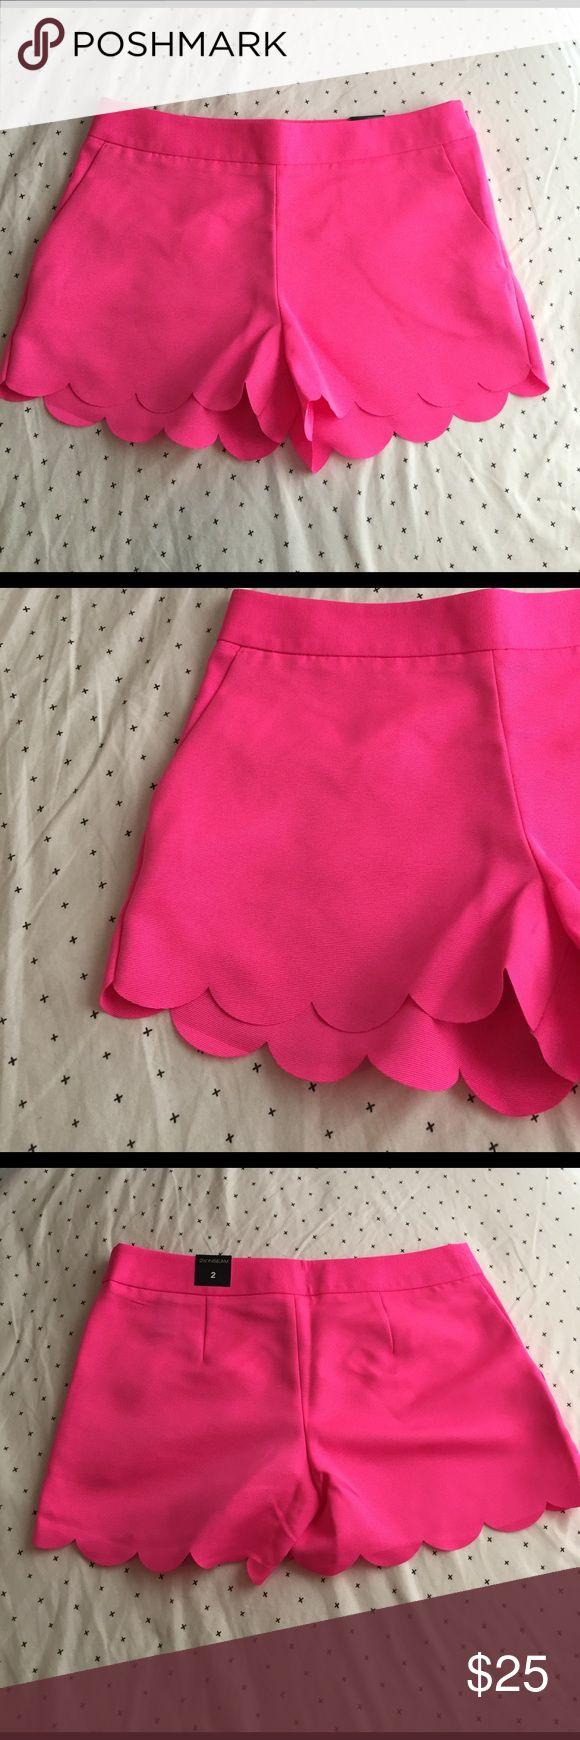 Hot pink scalloped shorts Bundles available! Express Shorts